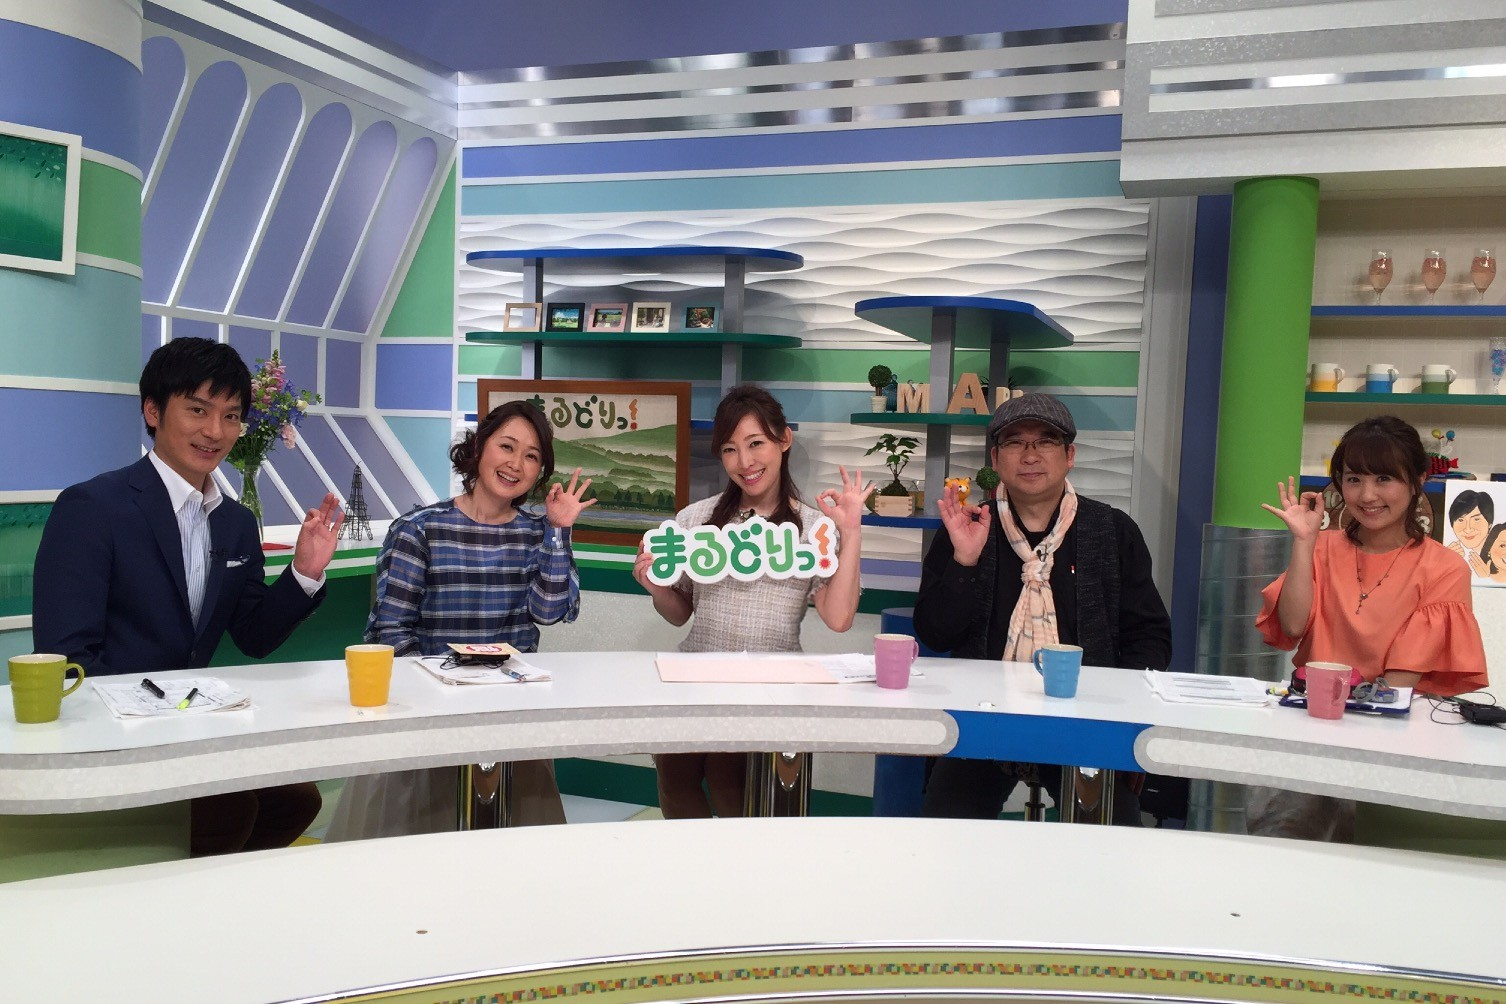 UX新潟テレビ21『まるどりっ!』コメンテーターをやらせていただくことになりました!